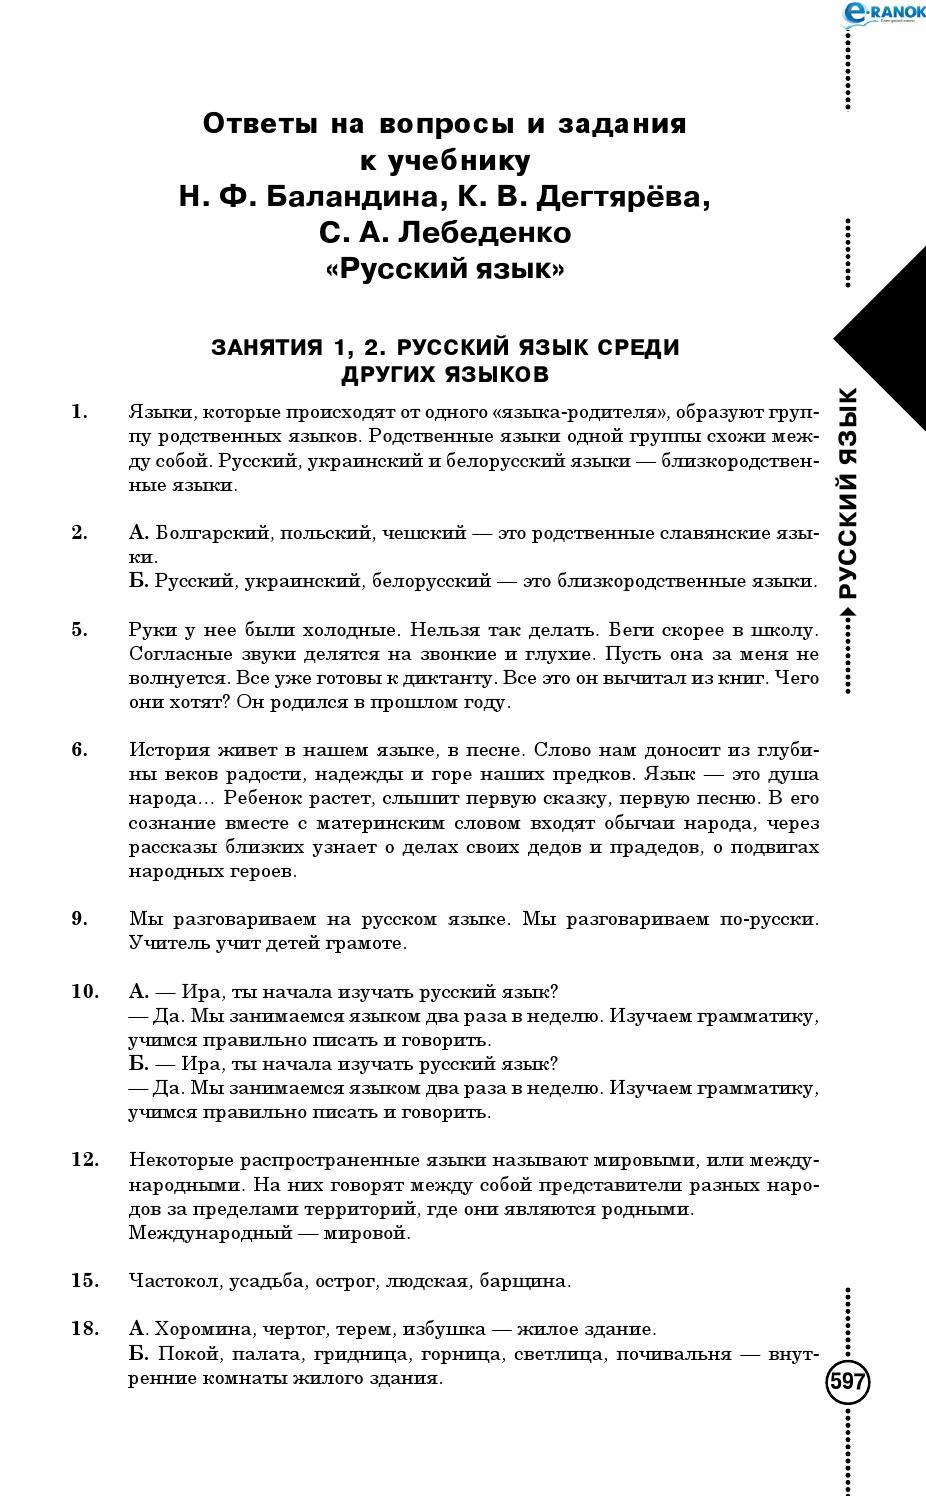 Ответы к учебнику баландина русский язык 6 класс